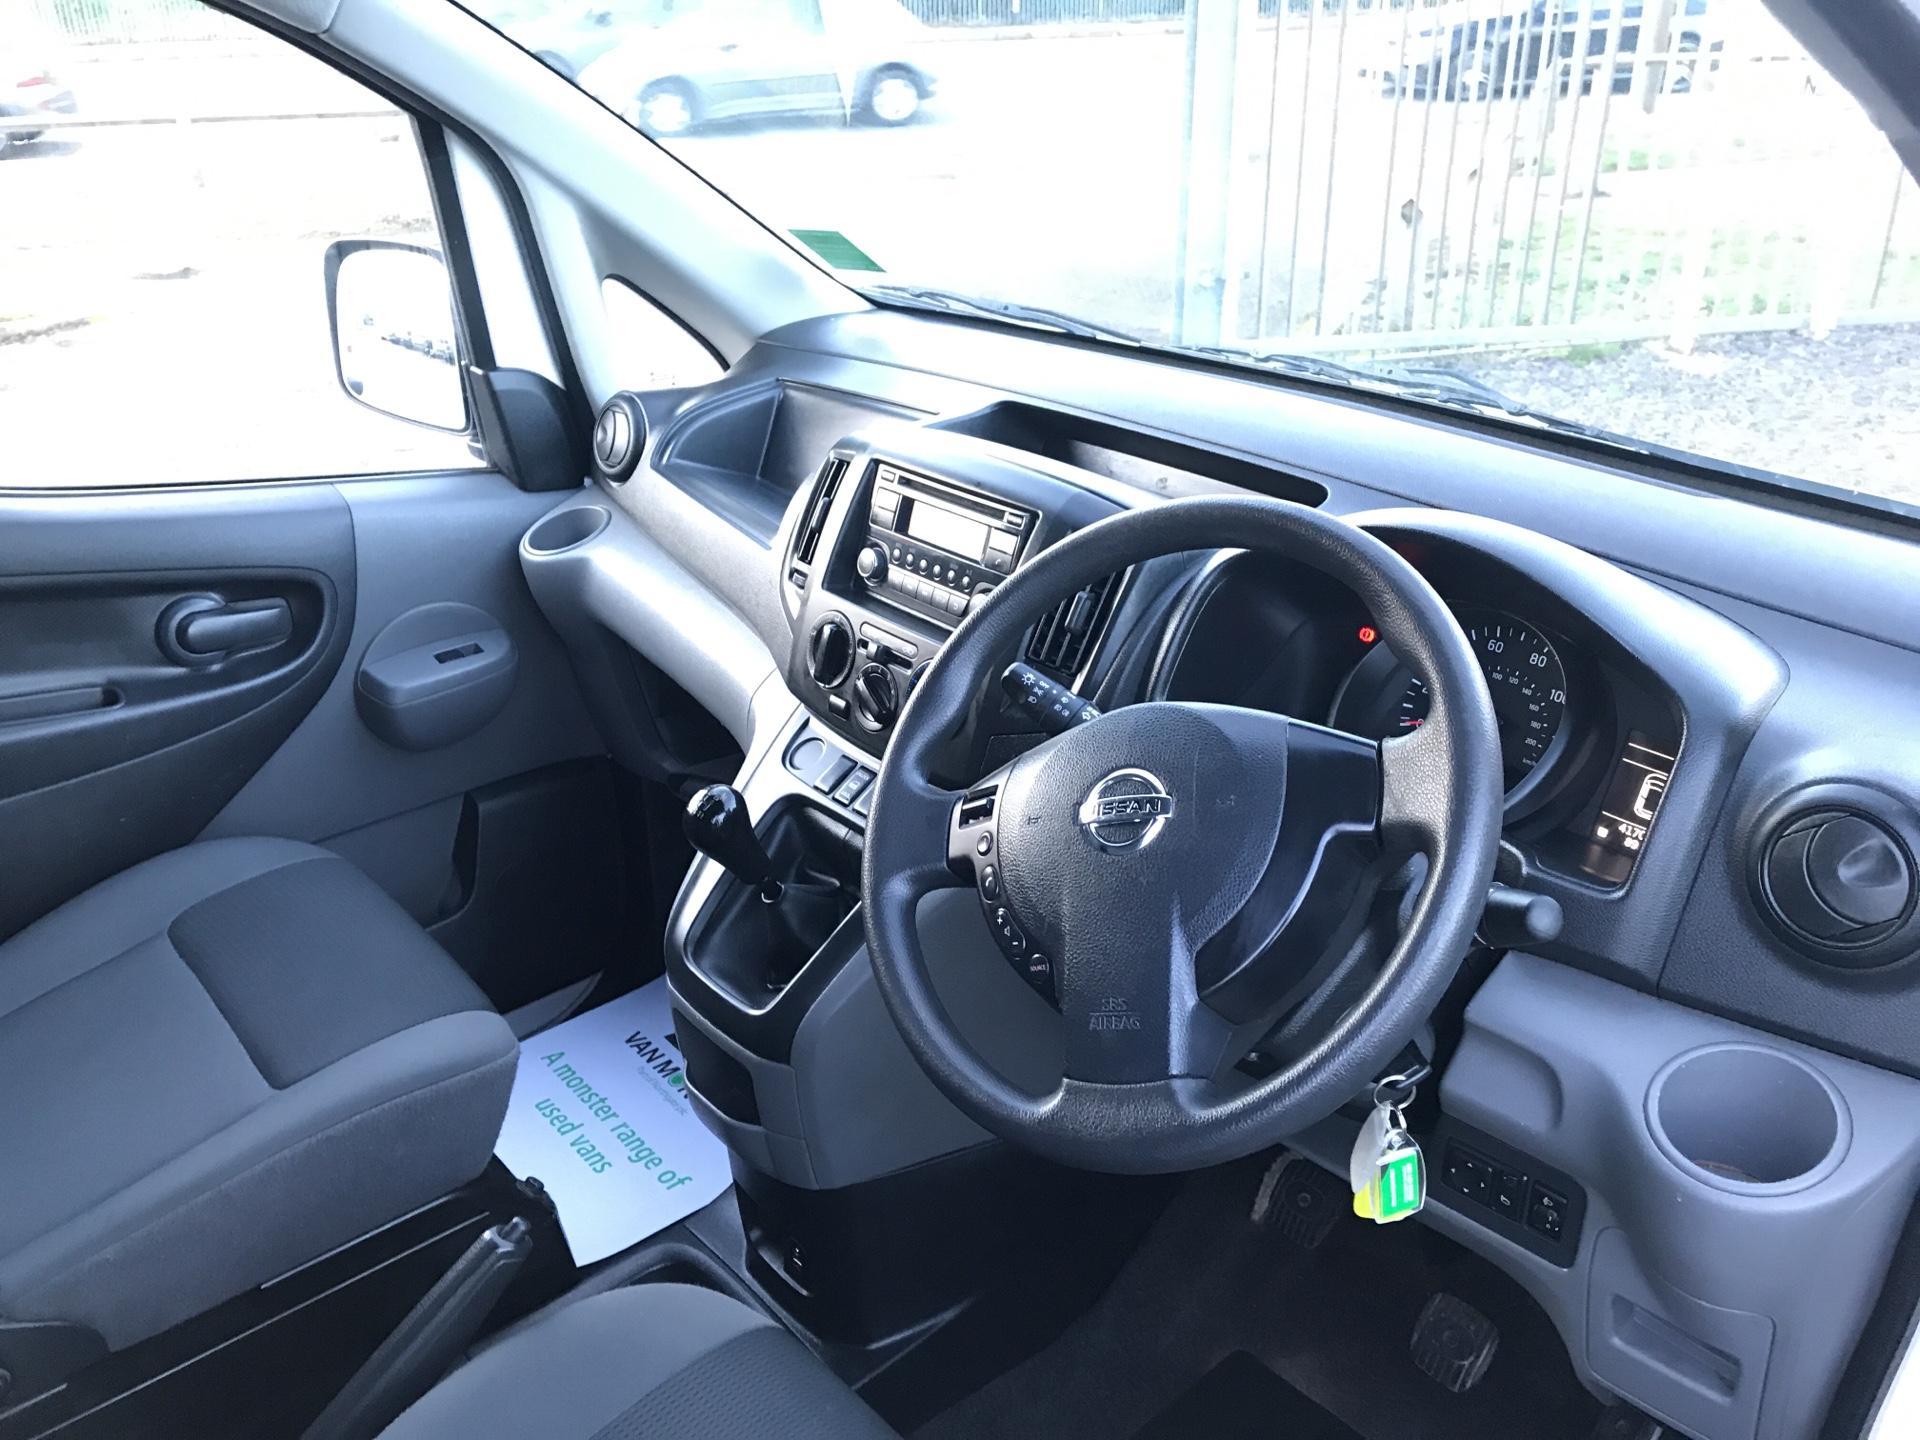 2016 Nissan Nv200 1.5 DCI ACENTA EURO 5 (DU16EDK) Image 9